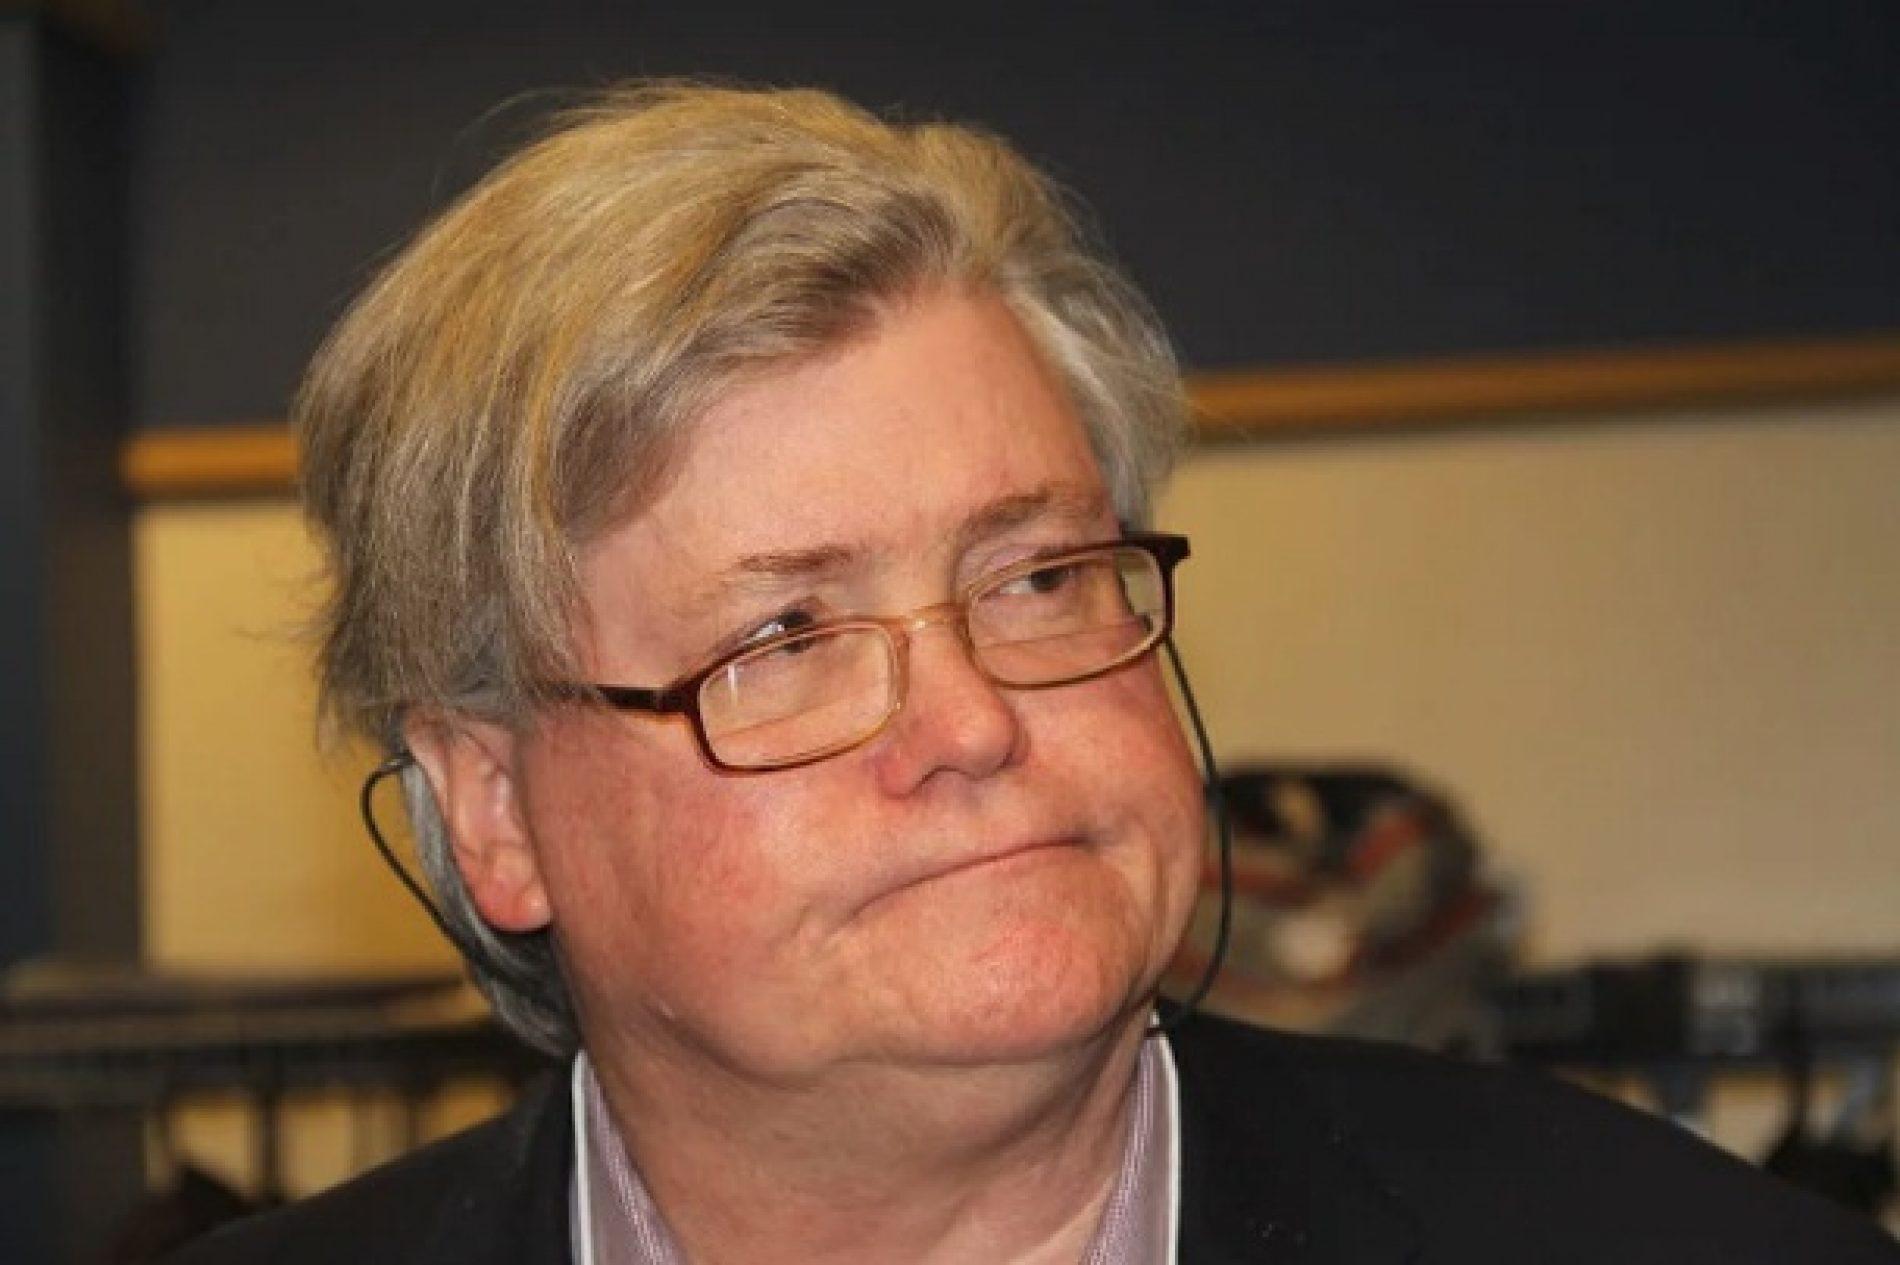 Pettigrew: Politički legitimitet RS dovesti u pitanje. Ustavnom reformom ponovo ujediniti Bosnu i Hercegovinu